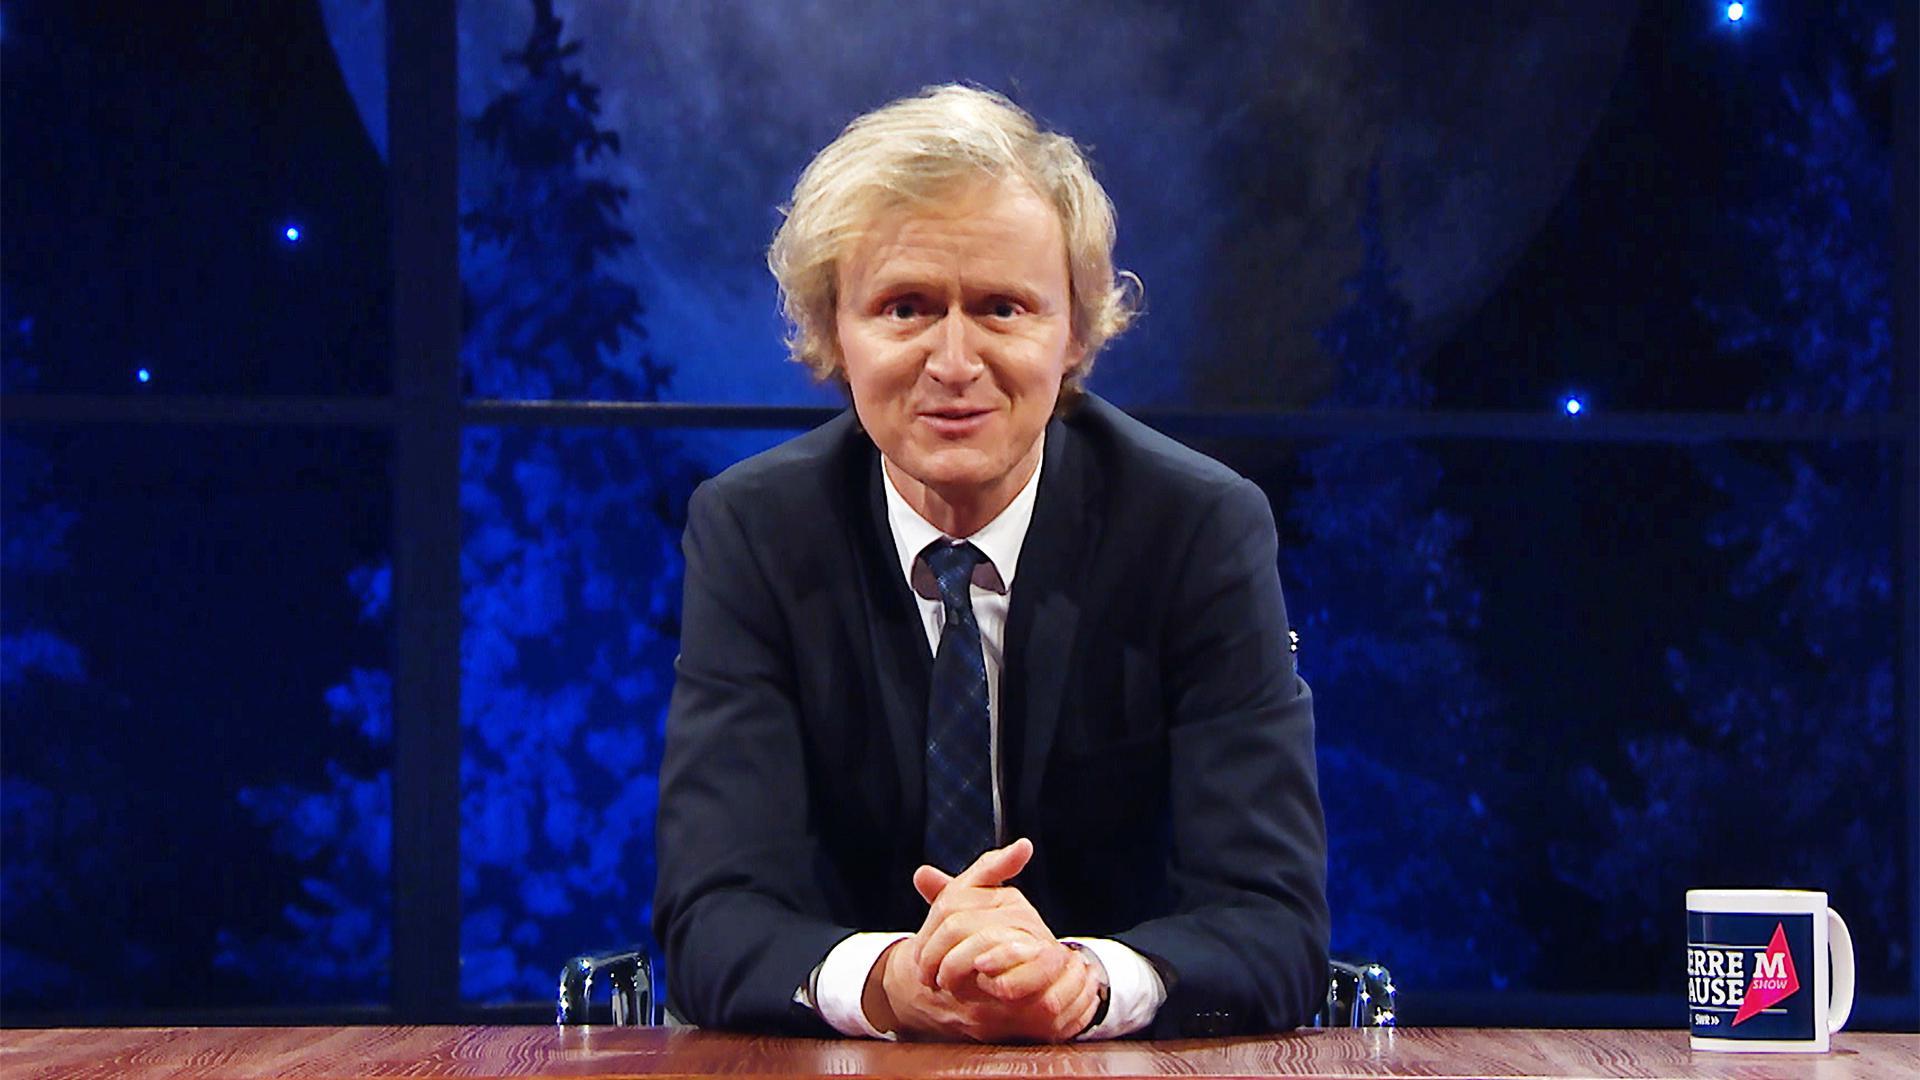 """Anchorman, Autor, Komödiant und Geschichtenerzähler: Pierre M. Krause am Schreibtisch seiner """"Pierre M. Krause Show""""."""